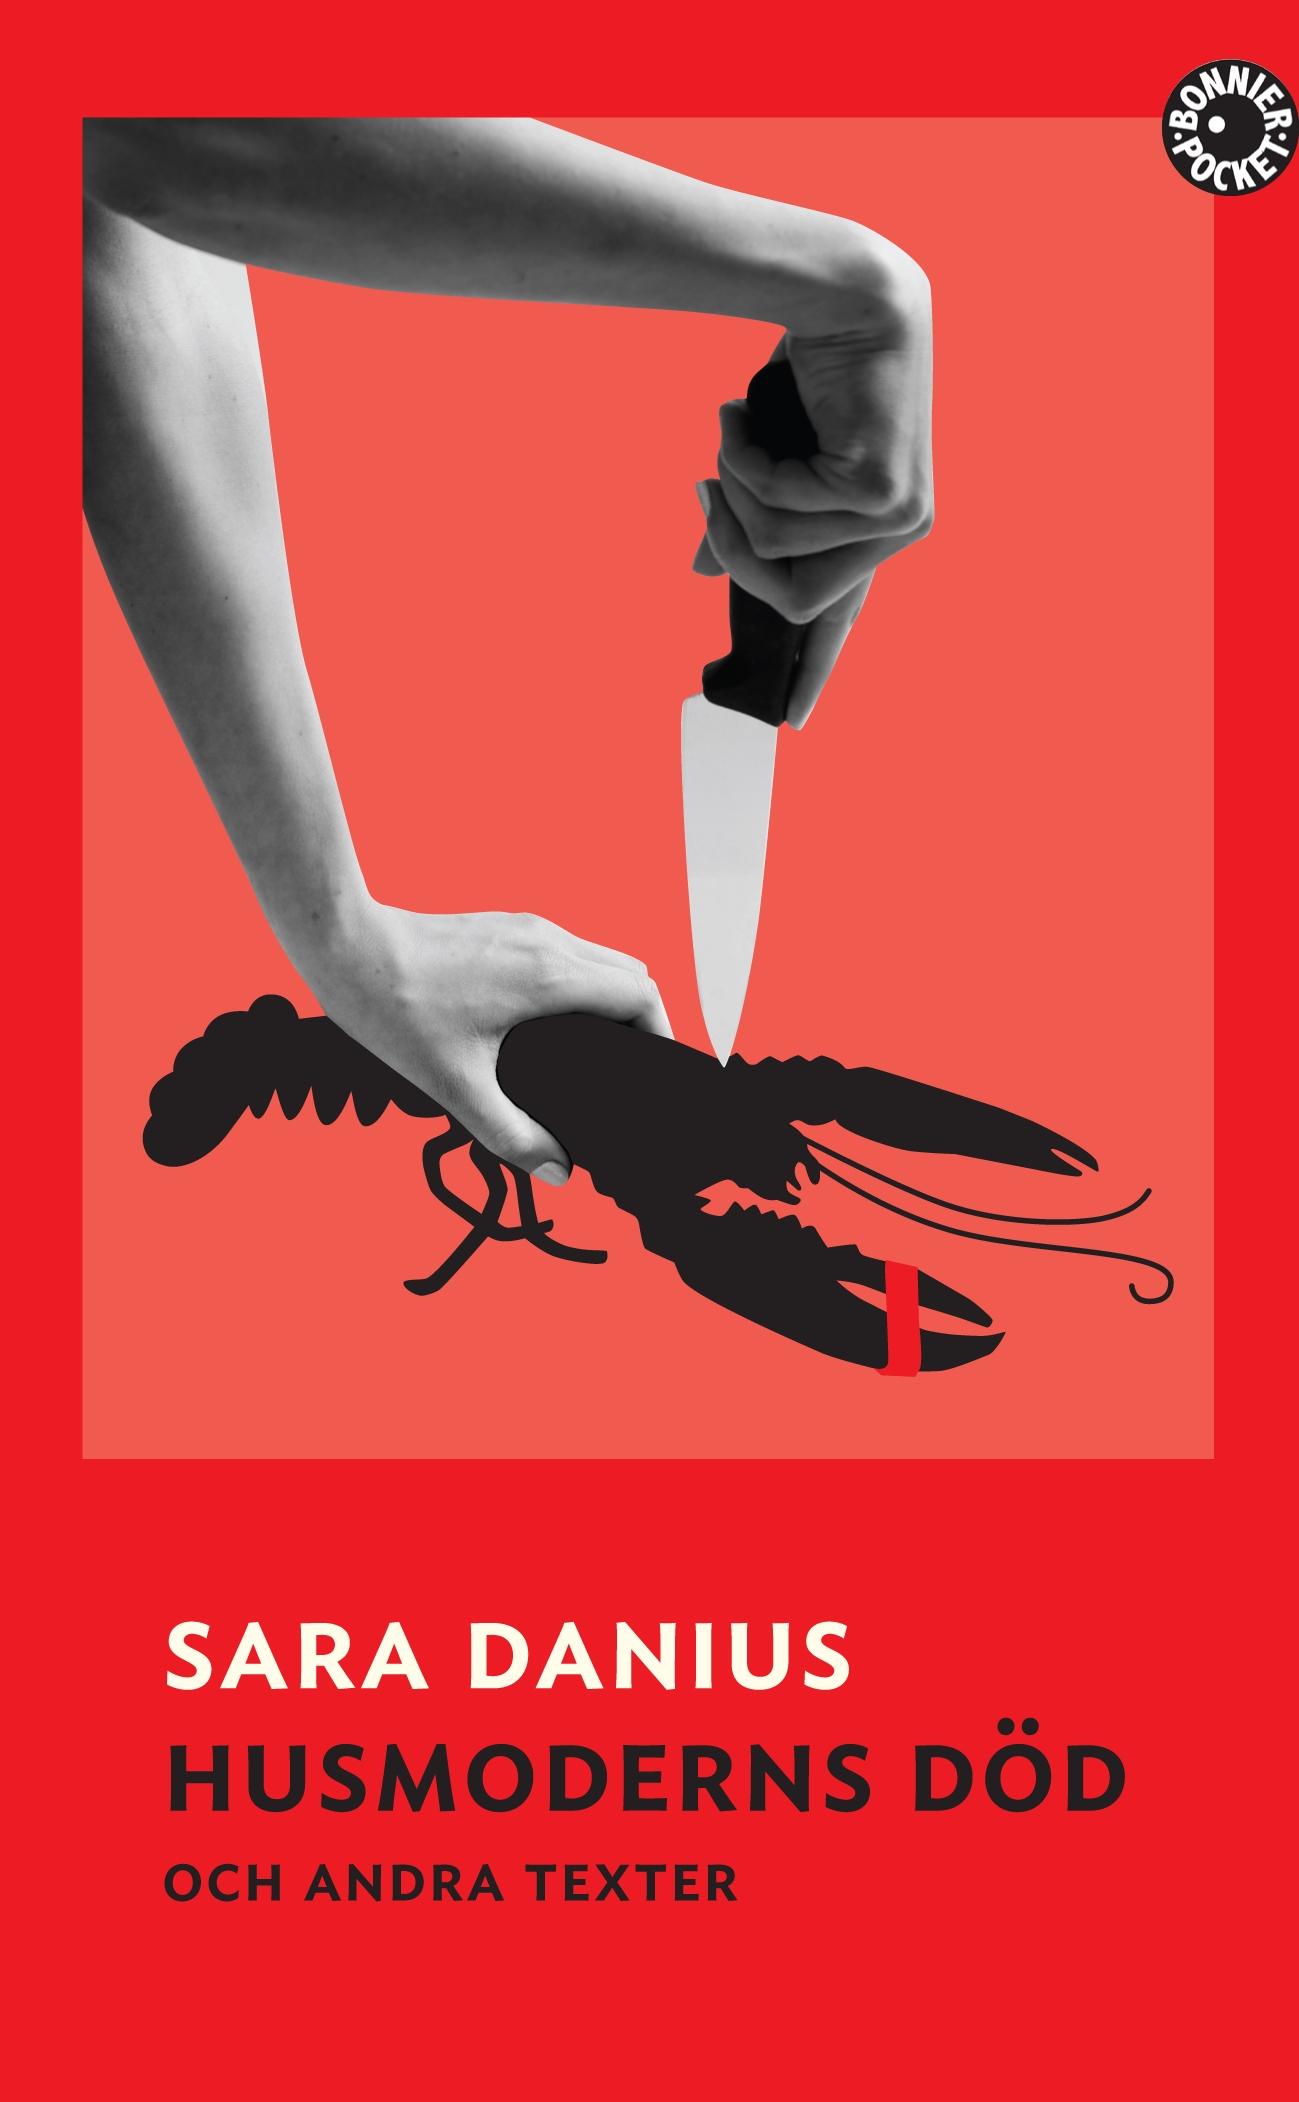 Husmoderns död och andra texter av Sara Danius